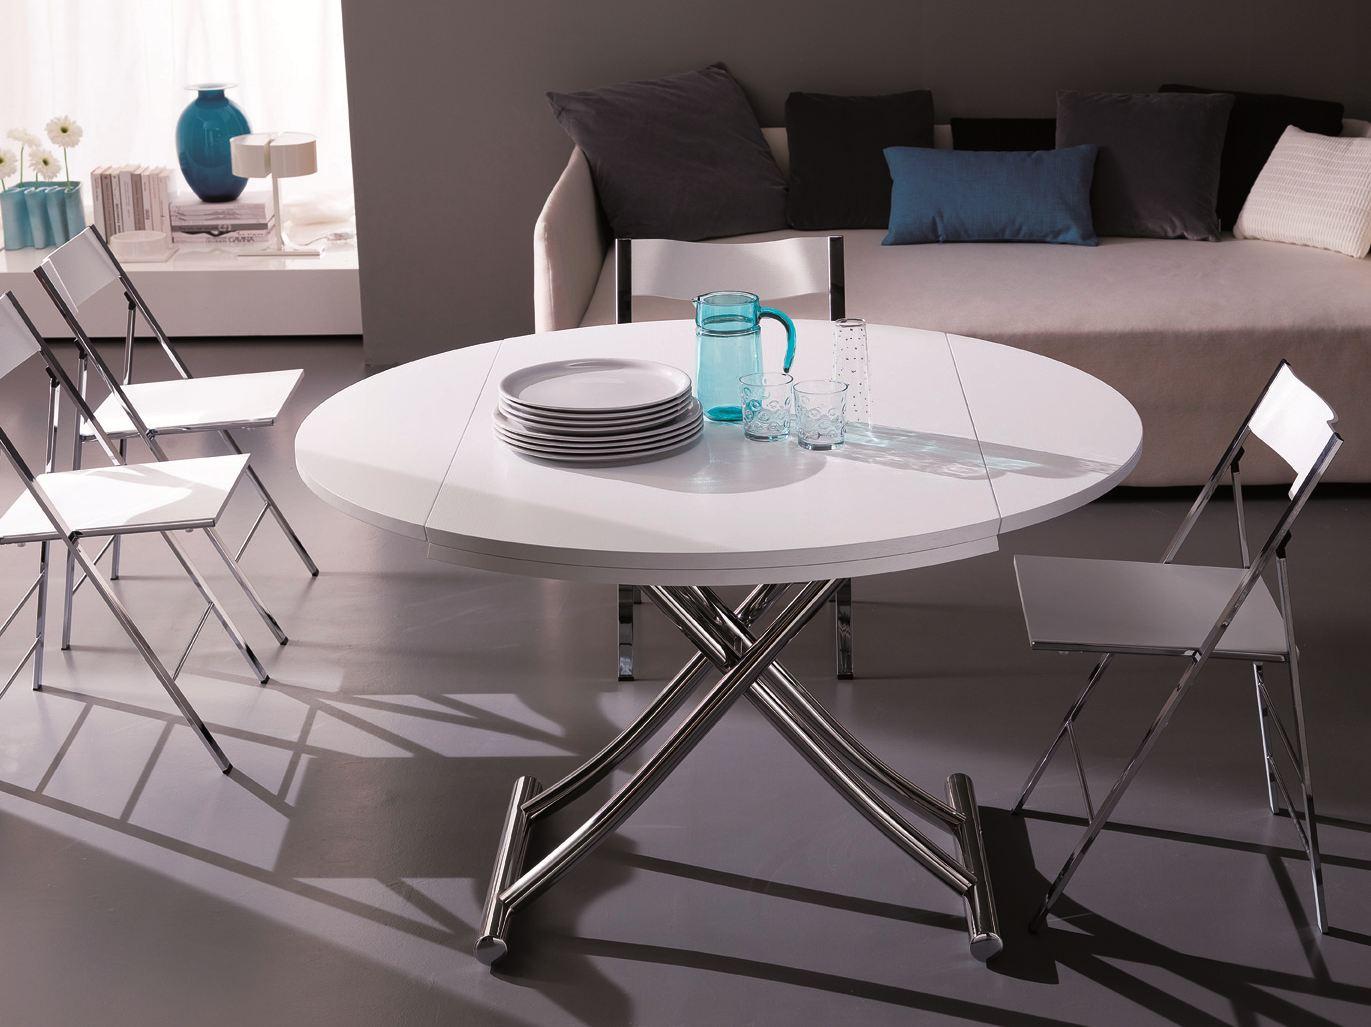 Tables Basses Rehaussables Ou Les Placer Techno Sciences